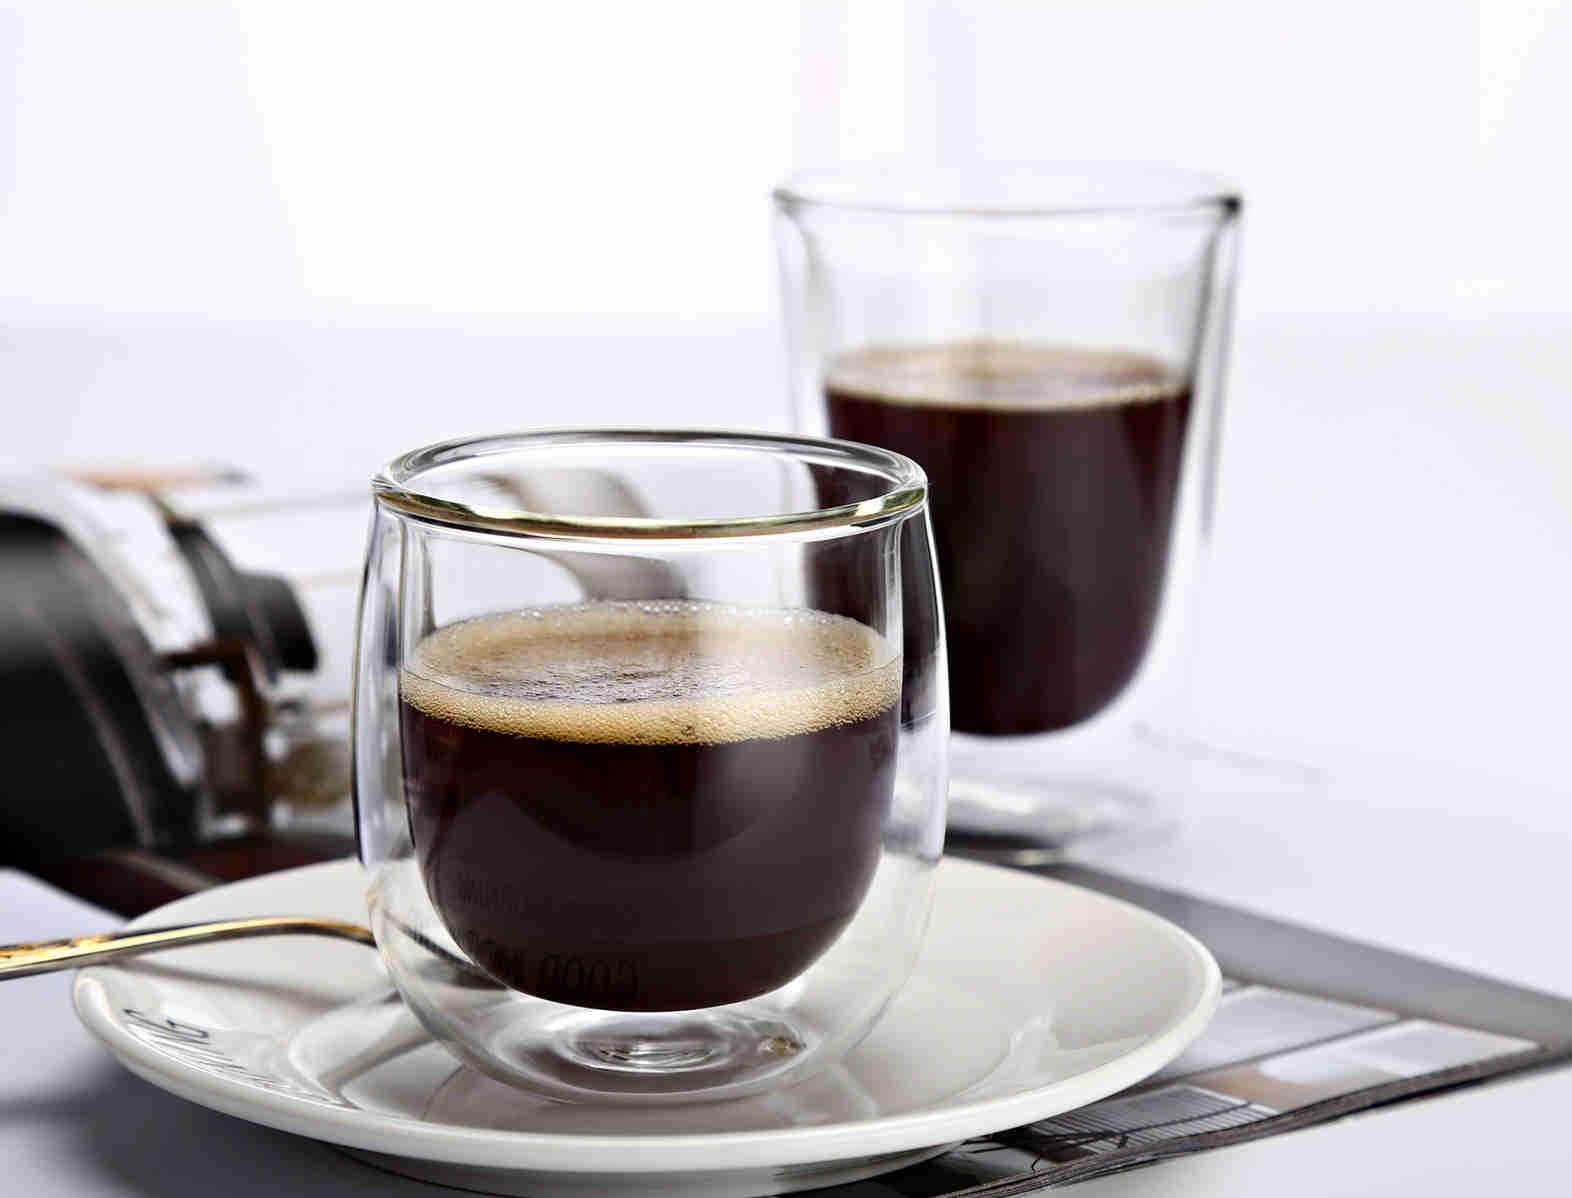 高纤低糖椰子油粉 低糖植脂末 低糖奶精应用在咖啡产品中